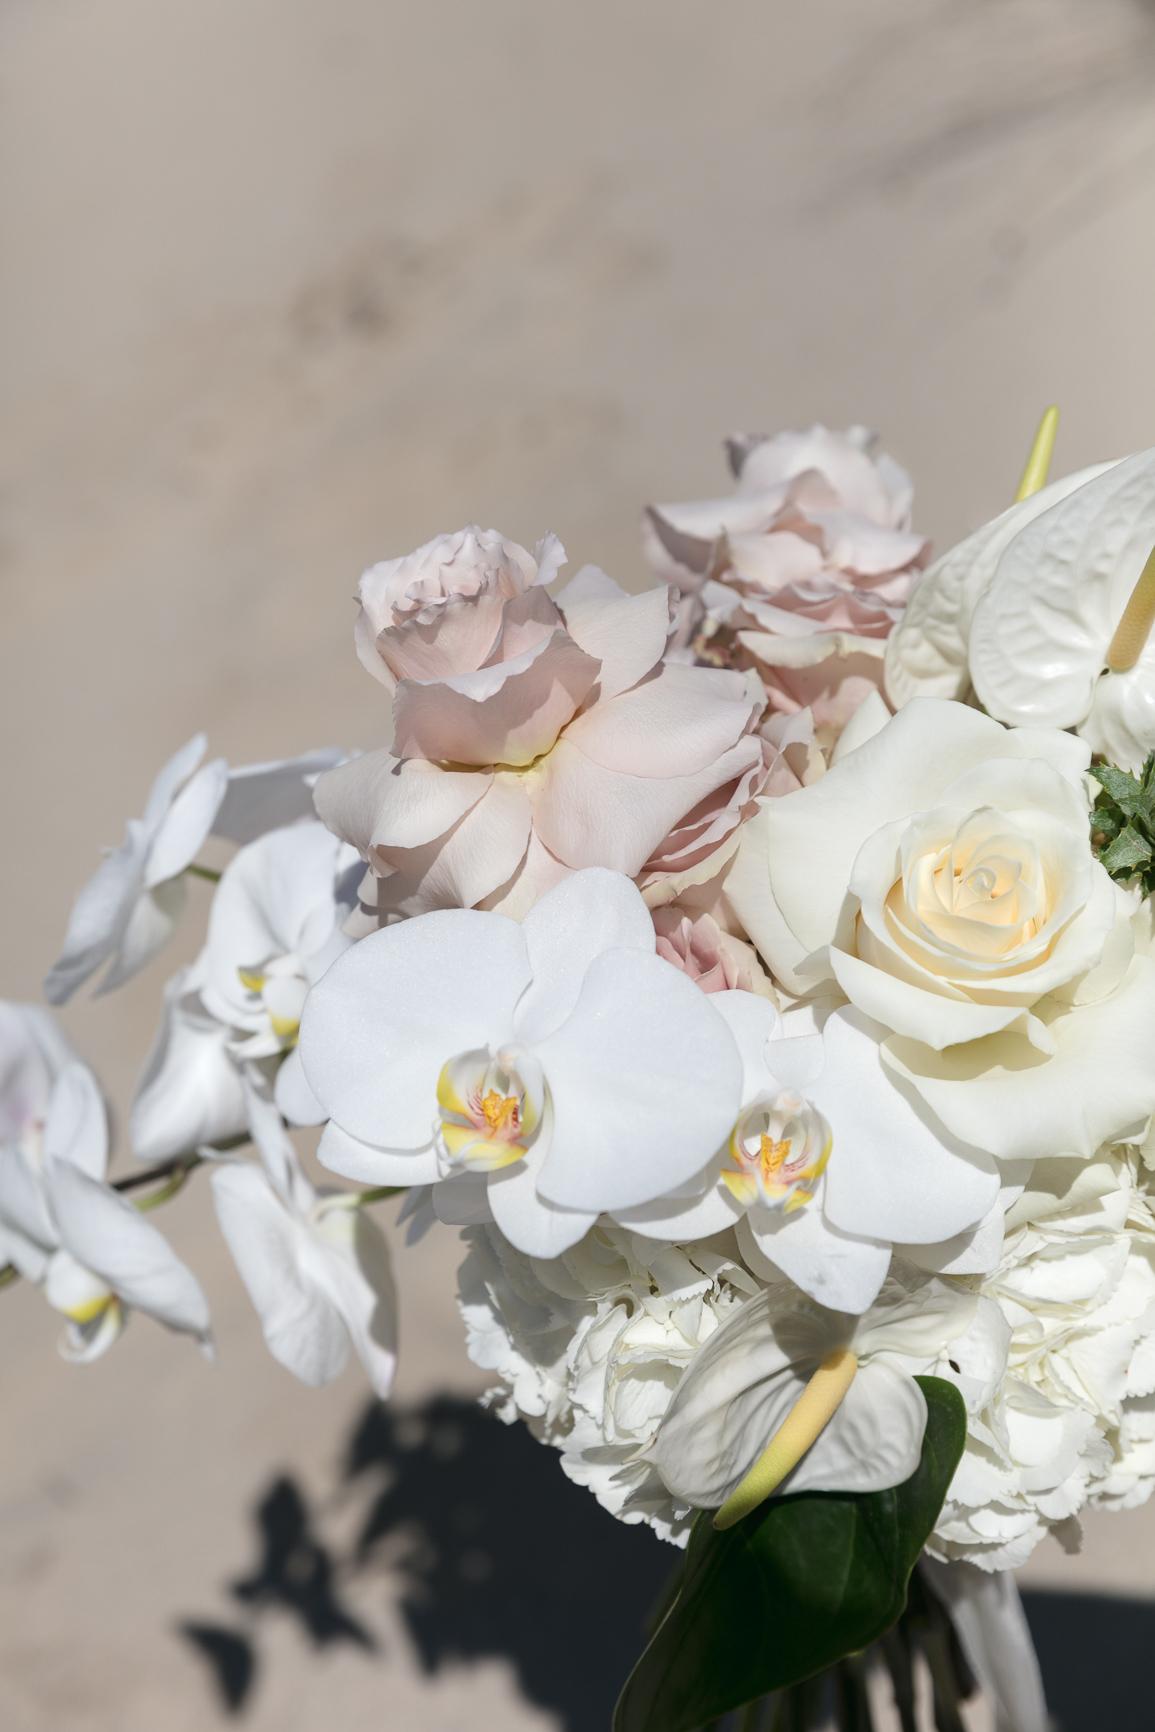 ©MichelleWeir-Blush-TaraIti-Wedding-72dpi-016.jpg